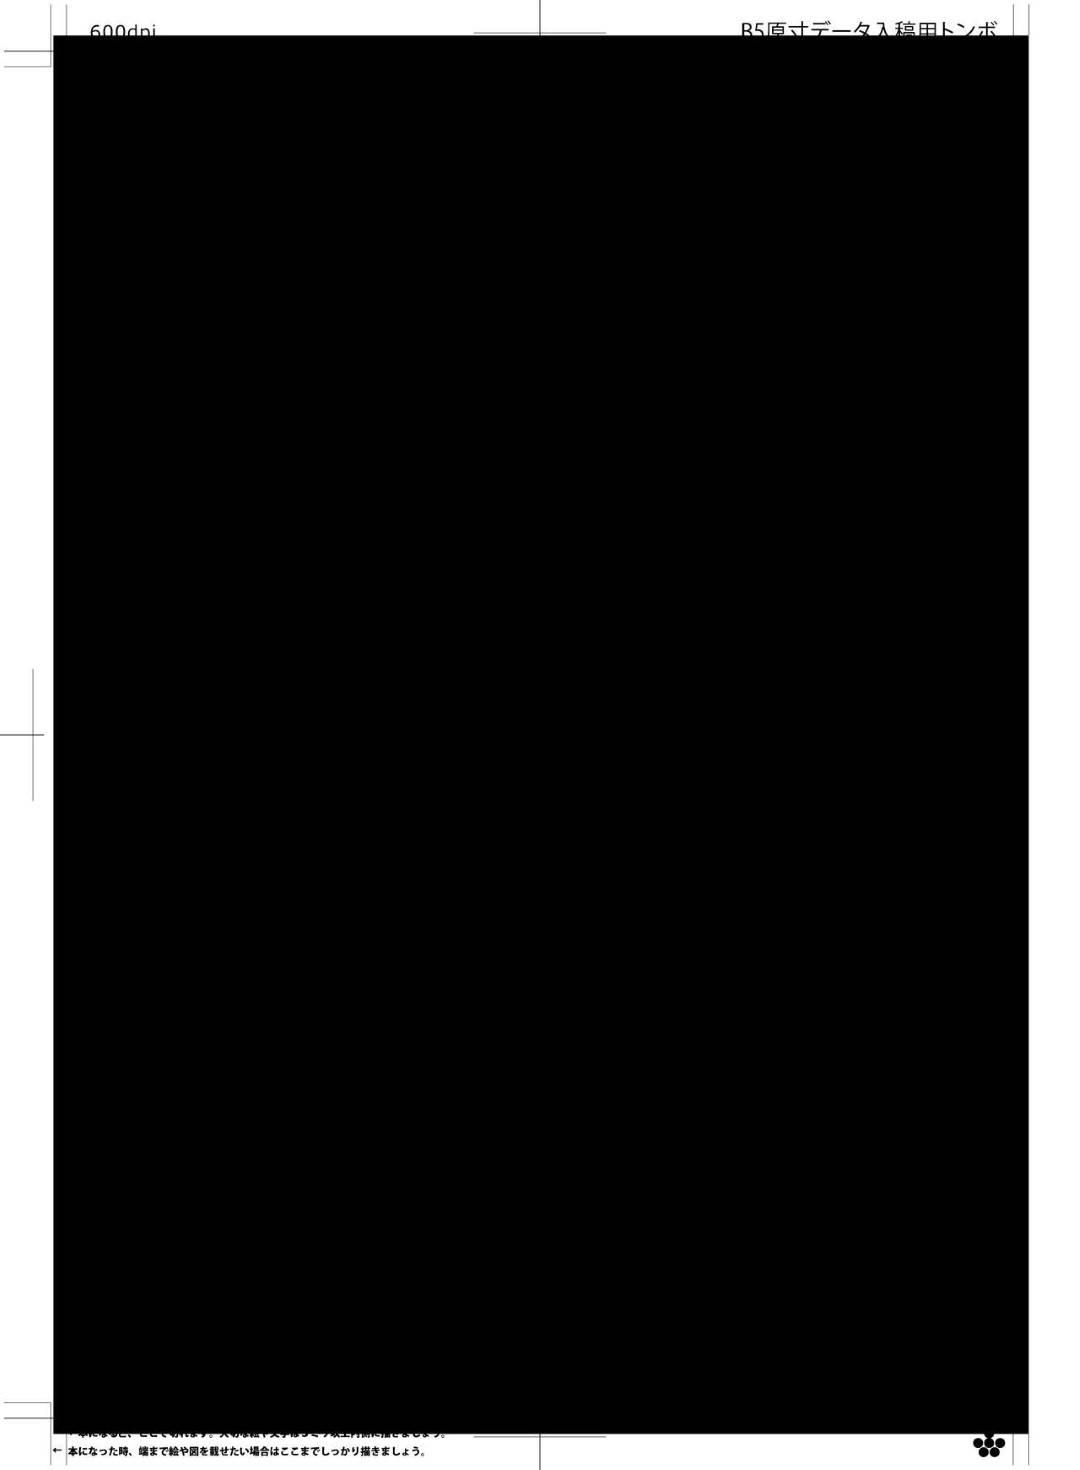 【エロ同人誌】上官に犯されて種付け調教レイプされてしまうグラーフ。そのことが愛する提督にバレて拒絶されてしまい、性奴隷にさせられ目隠し拘束されたまま男たちに輪姦され連続中出し陵辱集団レイプで寝取られ絶頂し肉便器堕ち【艦これ】